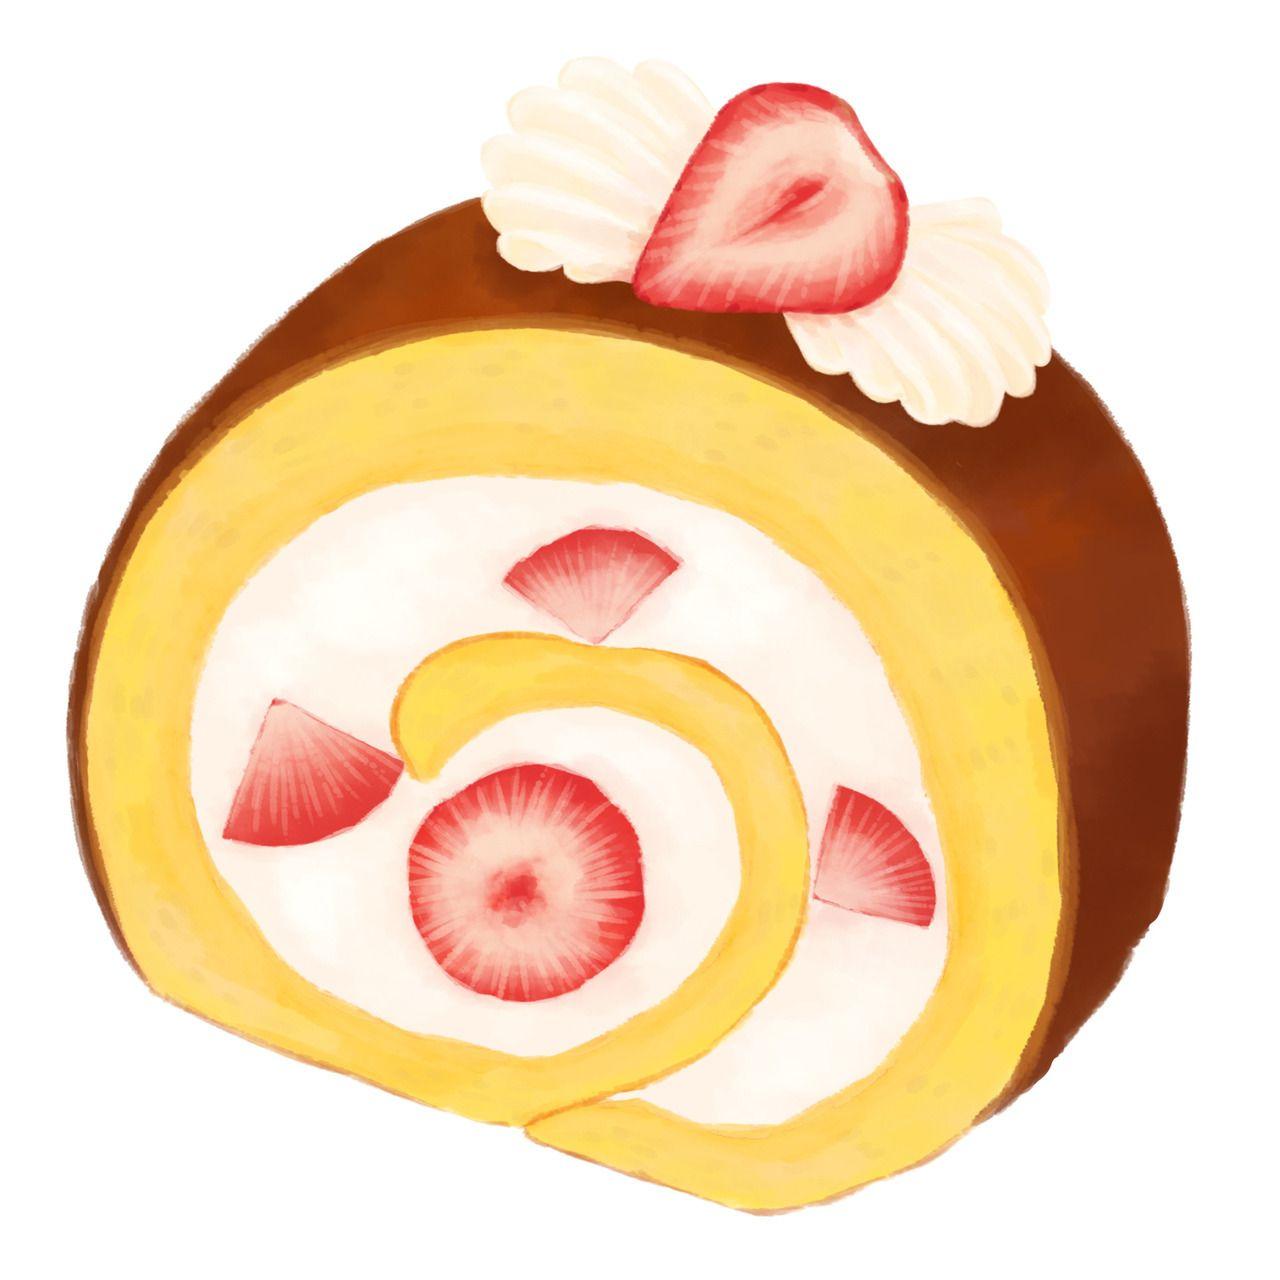 ロールケーキ Swiss Roll Roll Cake ロールケーキ スイスロール